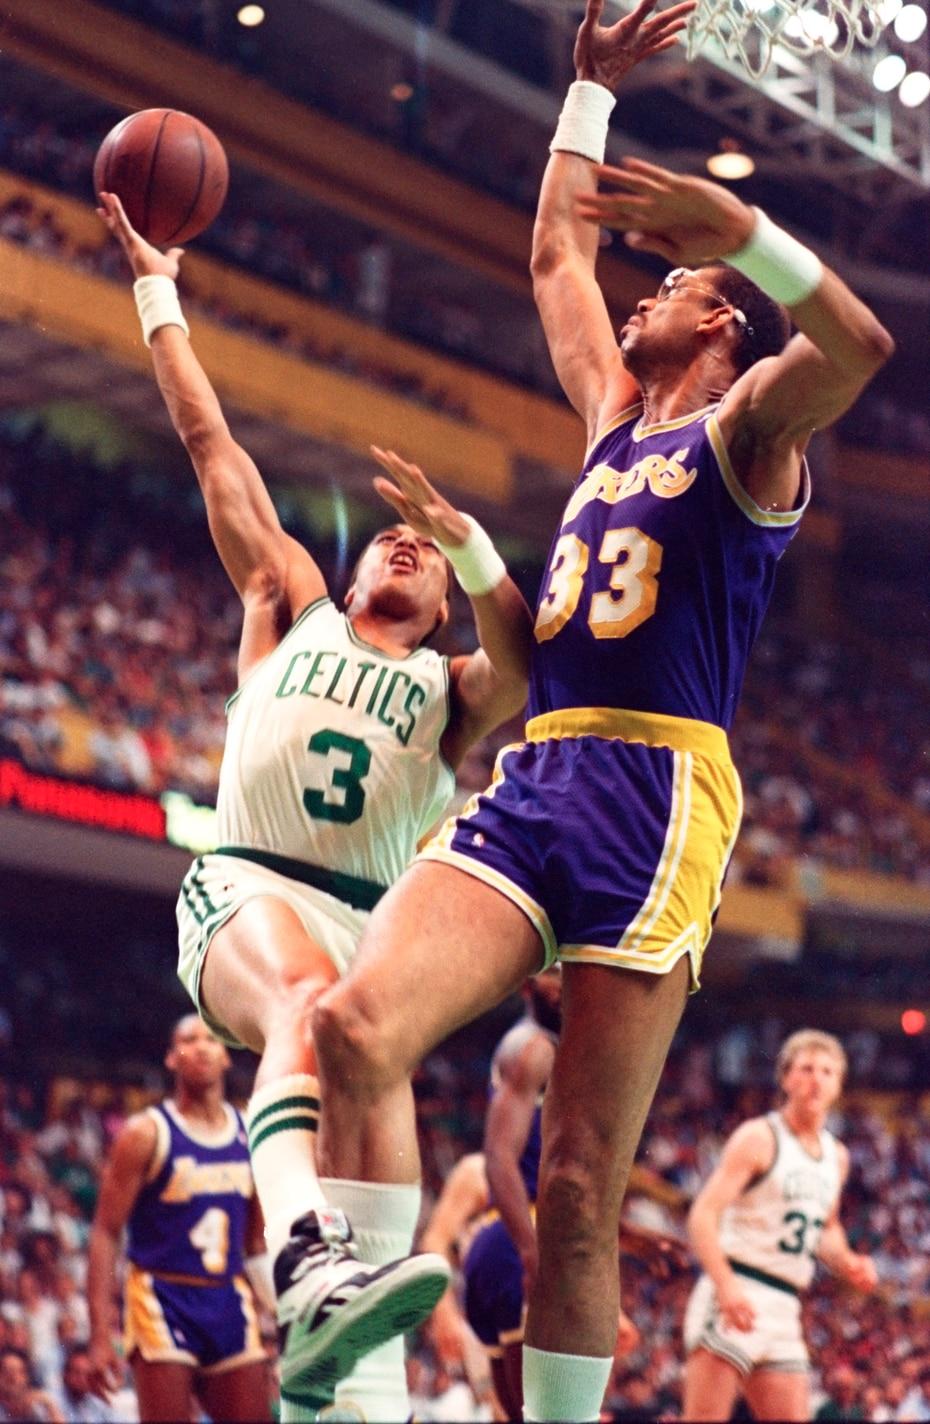 El legendario centro de los Lakers de Los Ángeles Kareem Abdul-Jabar tuvo su último temporada en la NBA en 1989 con 41 años.  Comenzó en 74 partido con promedio de 10.4 puntos.